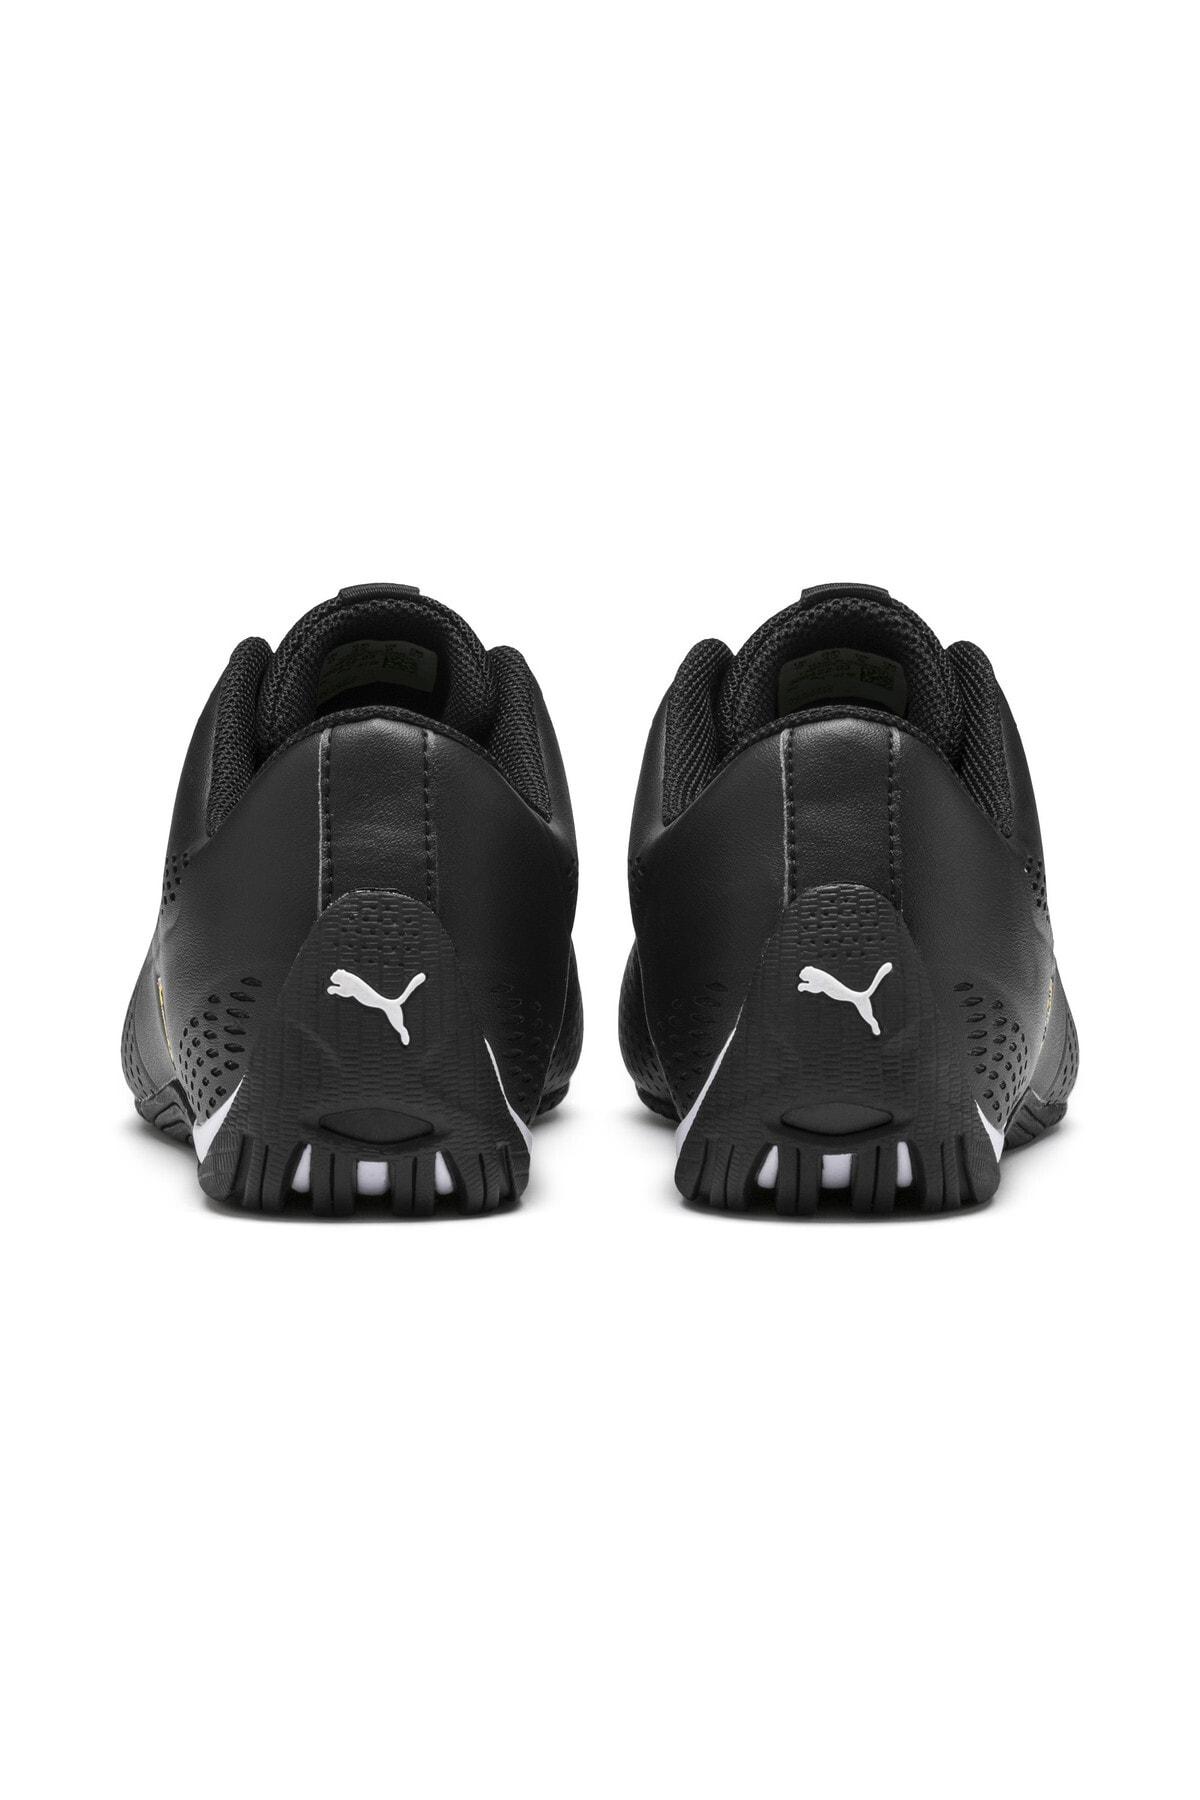 Puma Unisex Siyah Sf Drift Cat 5 Ultra Iı Yürüyüş Ayakkabısı 3